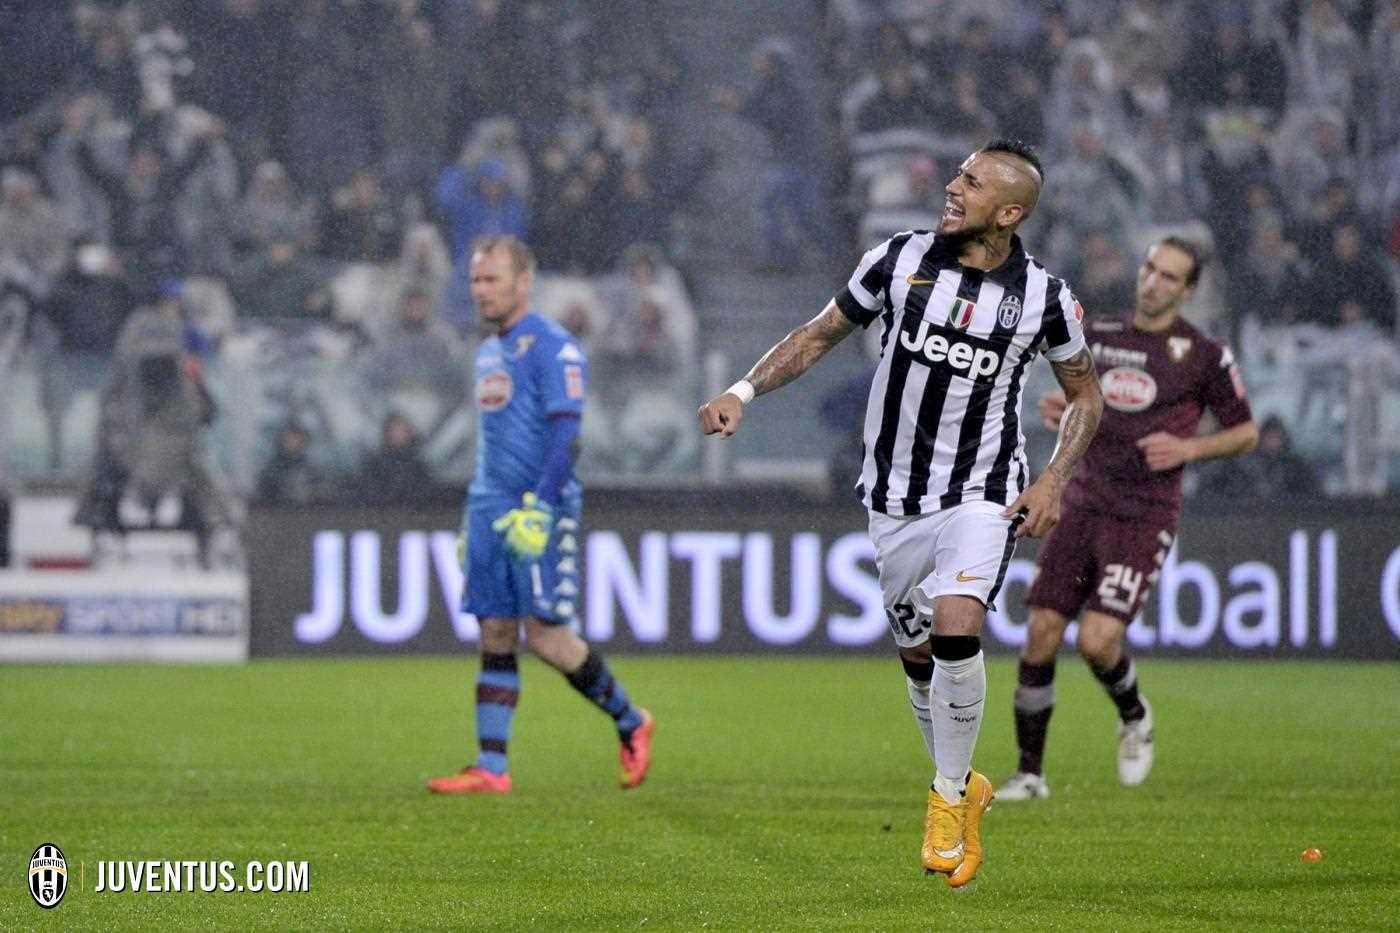 Serie A TIM Juventus - Torino 2-1 - Juventus.com